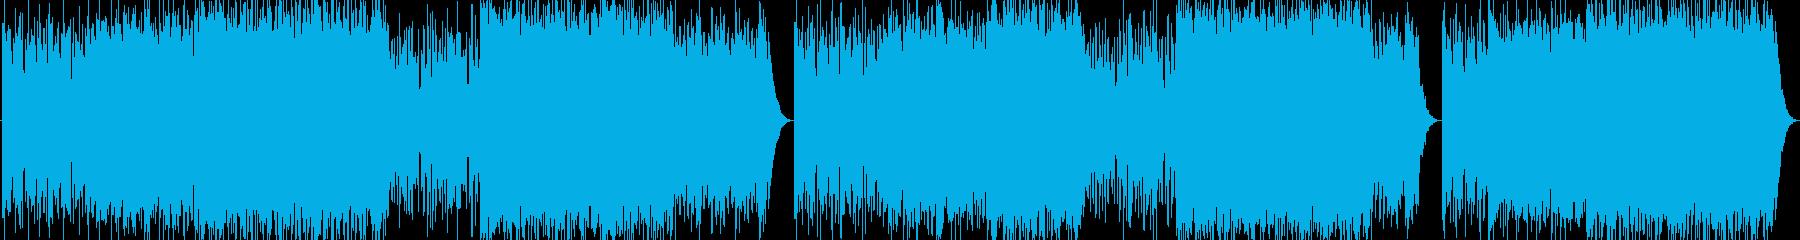 ポップ ロック モダン 交響曲 室...の再生済みの波形